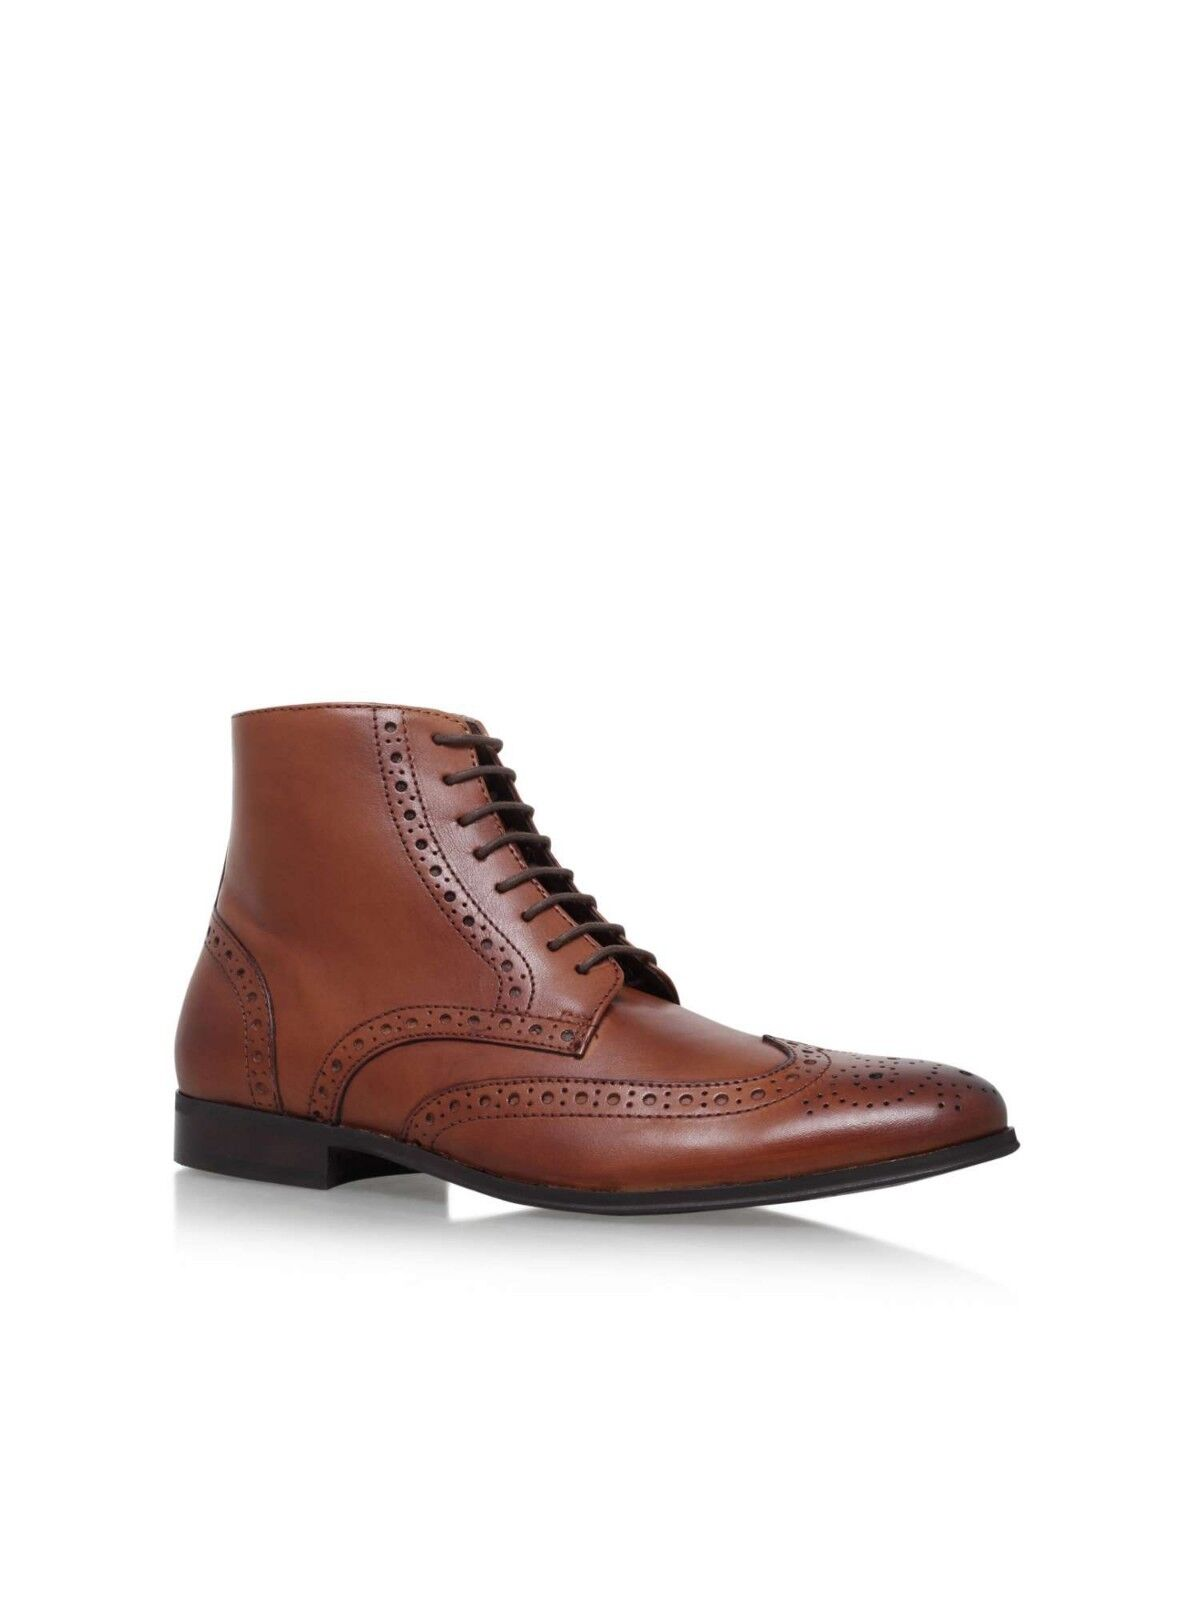 KG Hove Stivaletti stringati marrone marrone marrone Taglia EU 41 NH085 RR 02 87838c